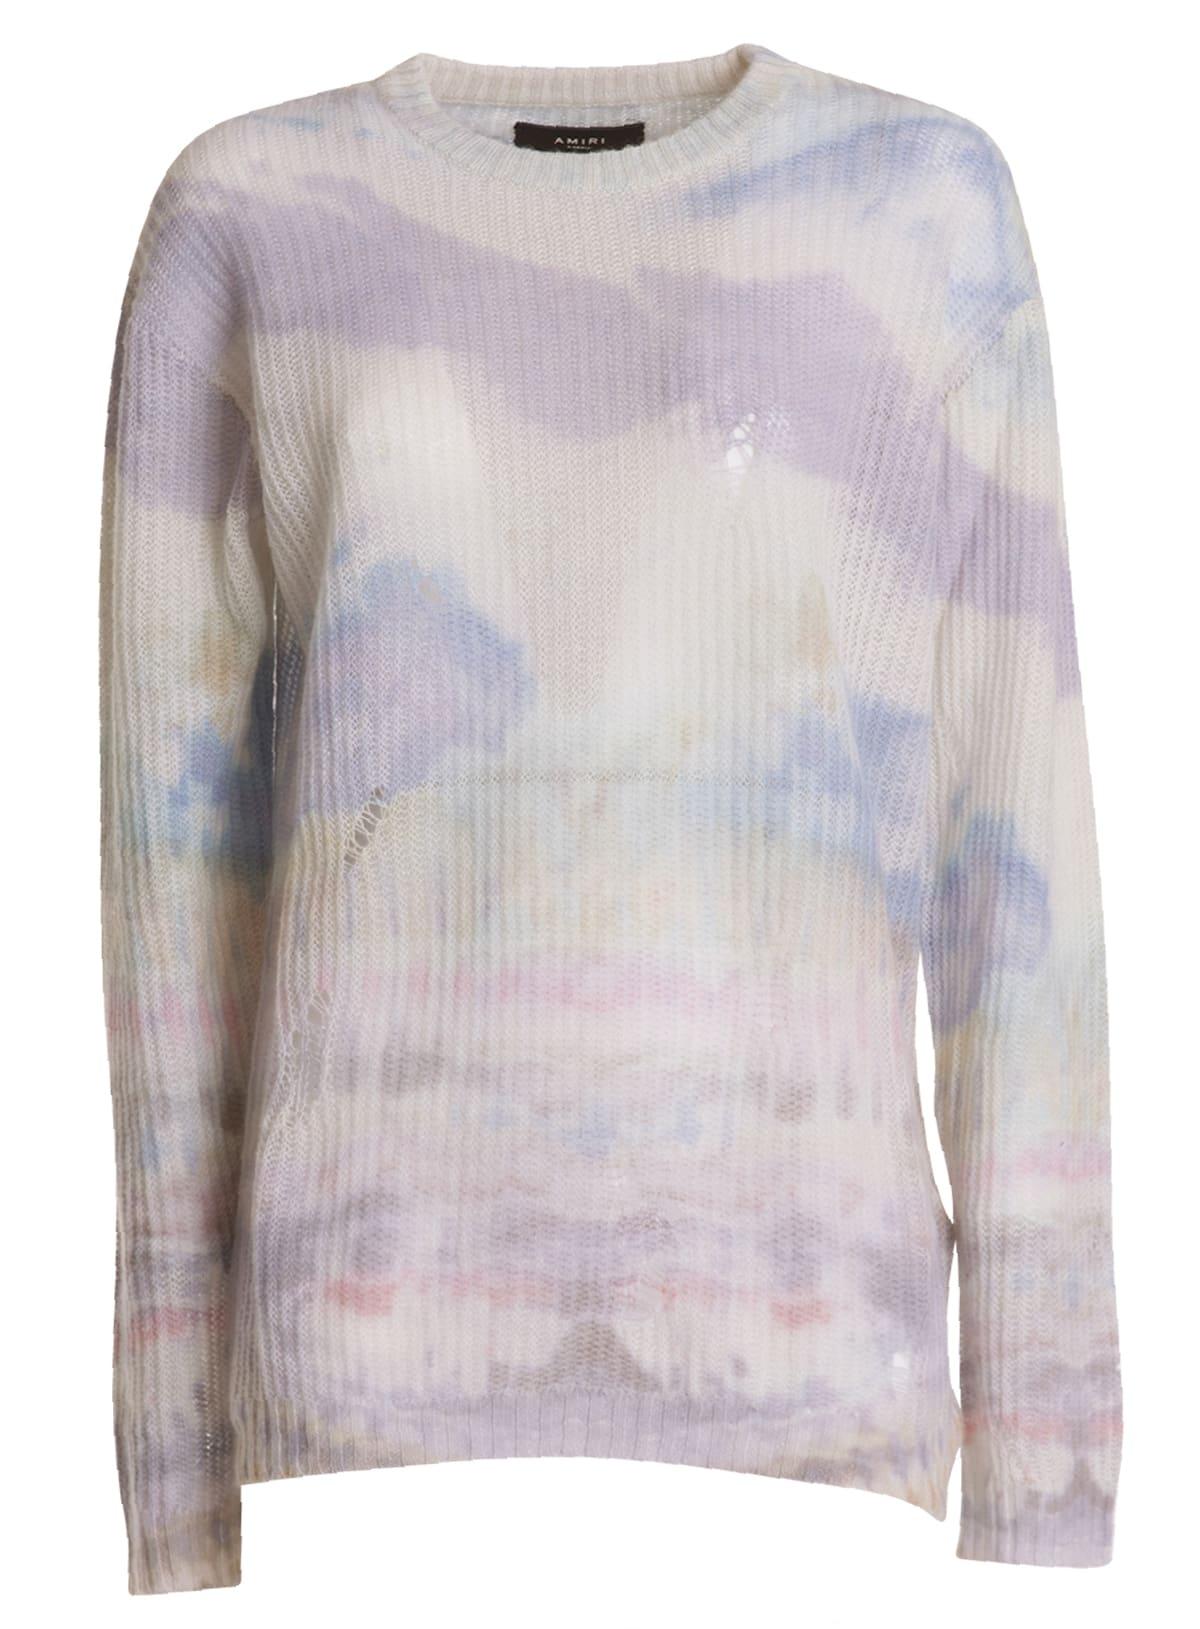 Amiri Tye Dye Sweater